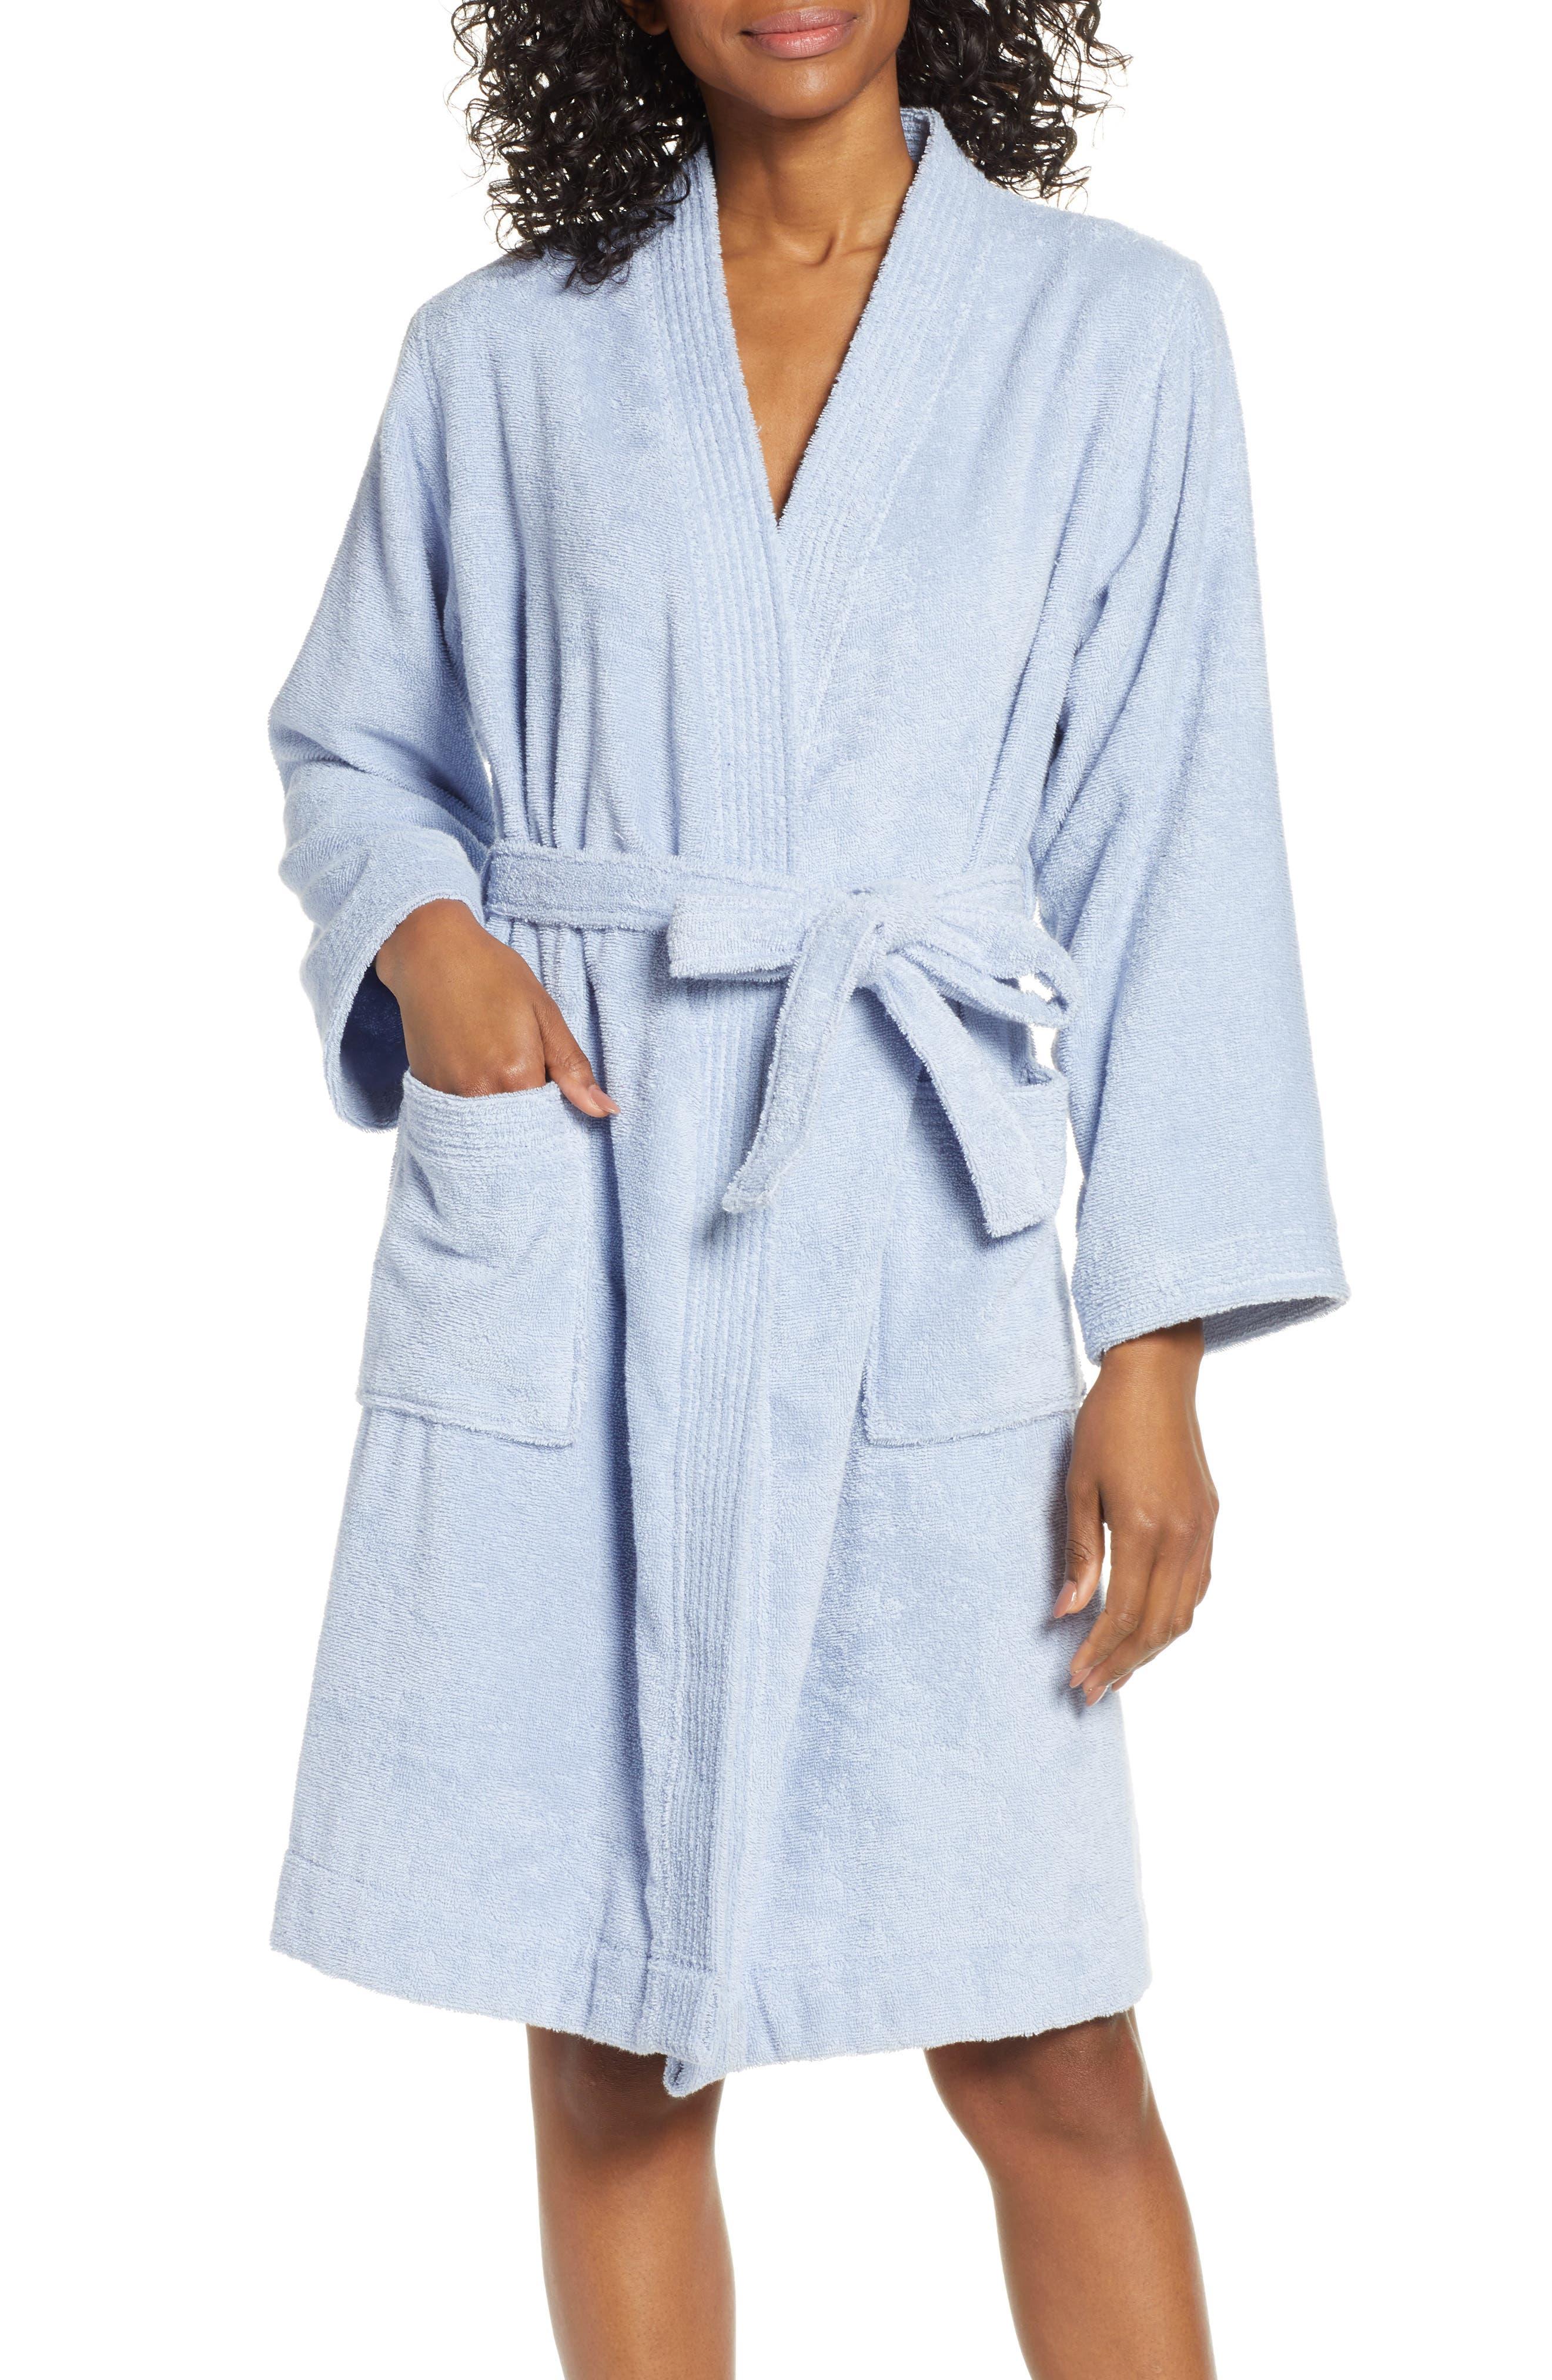 UGG® Lorie Terry Short Robe (Regular & Plus Size) (Regular Retail Price: $88)